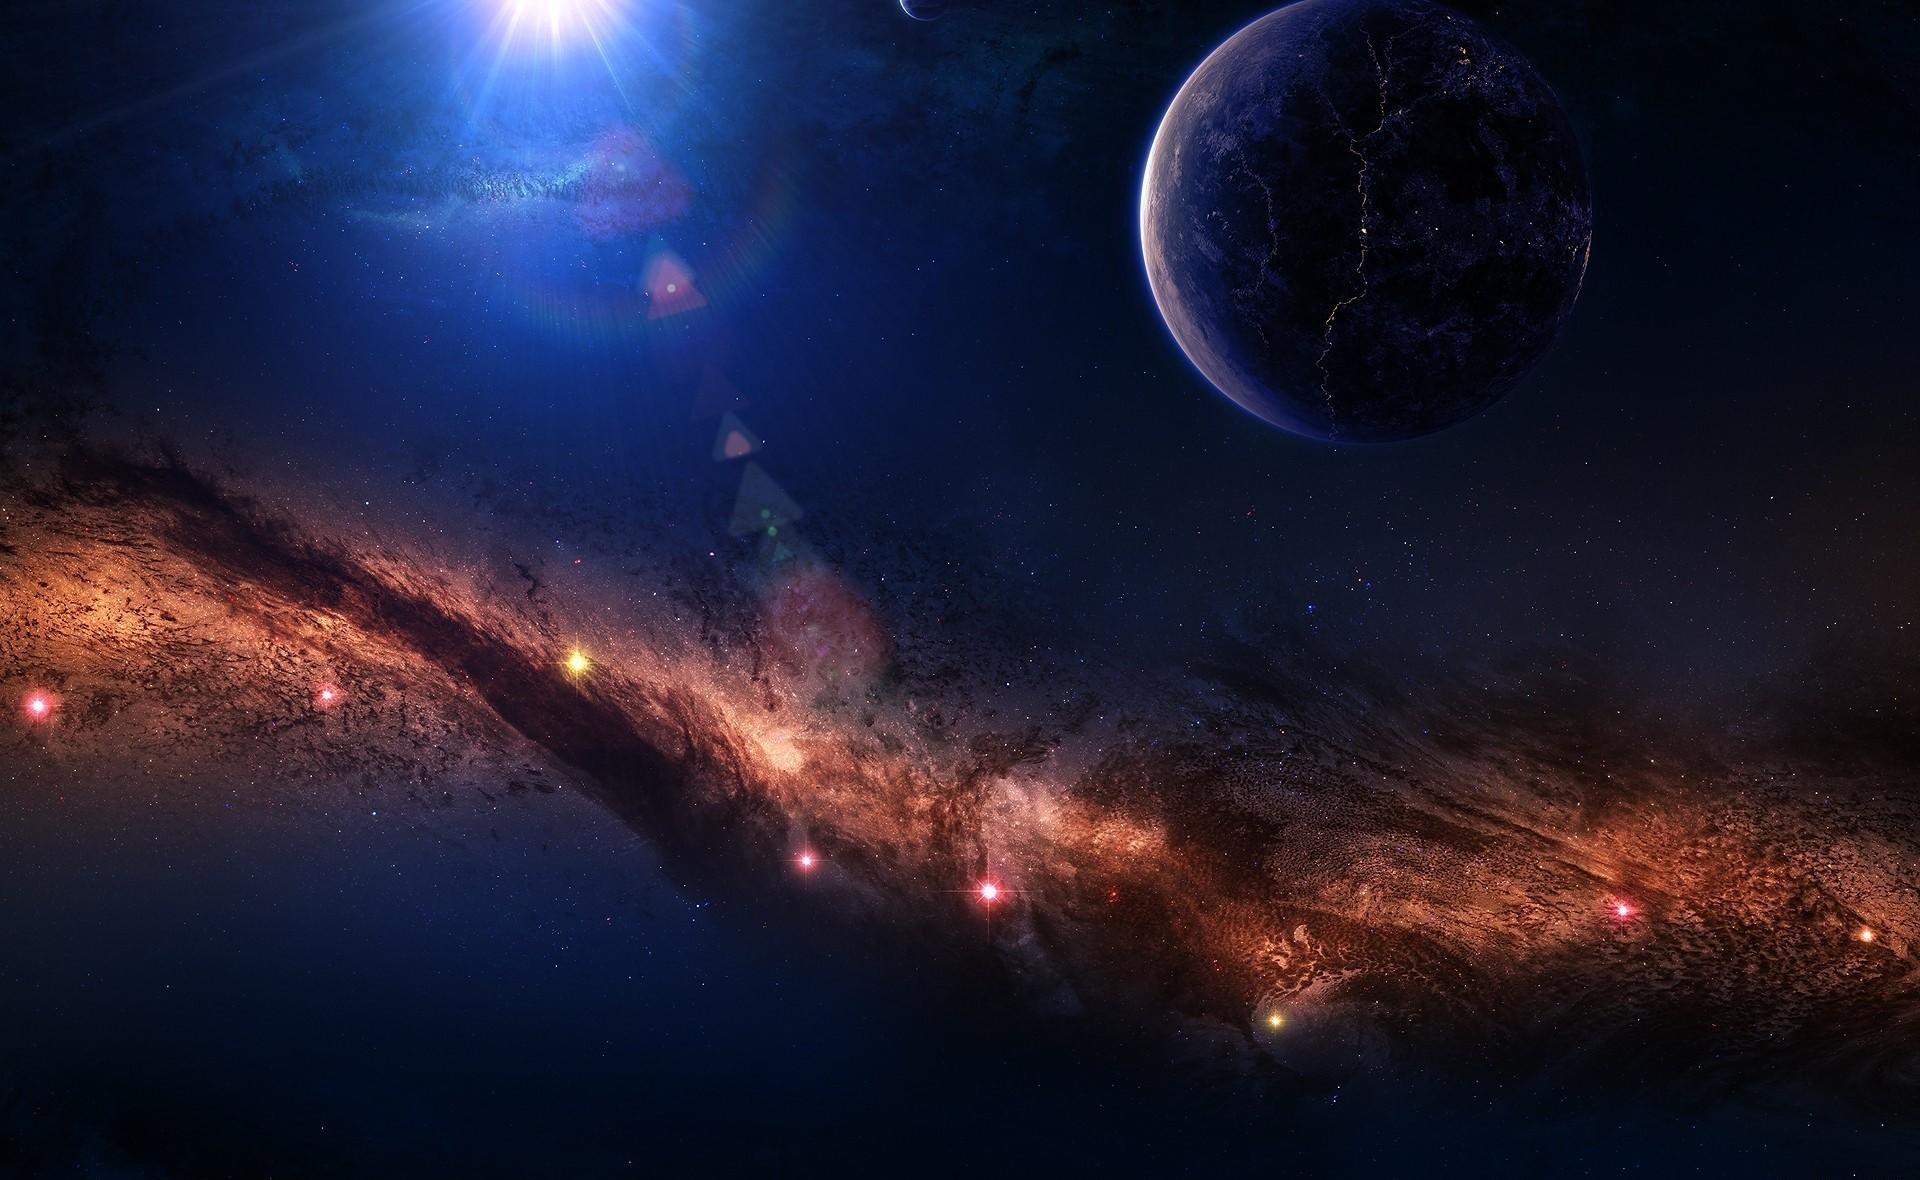 142515 скачать обои Космос, Планеты, Звезды, Свет, Туманность - заставки и картинки бесплатно